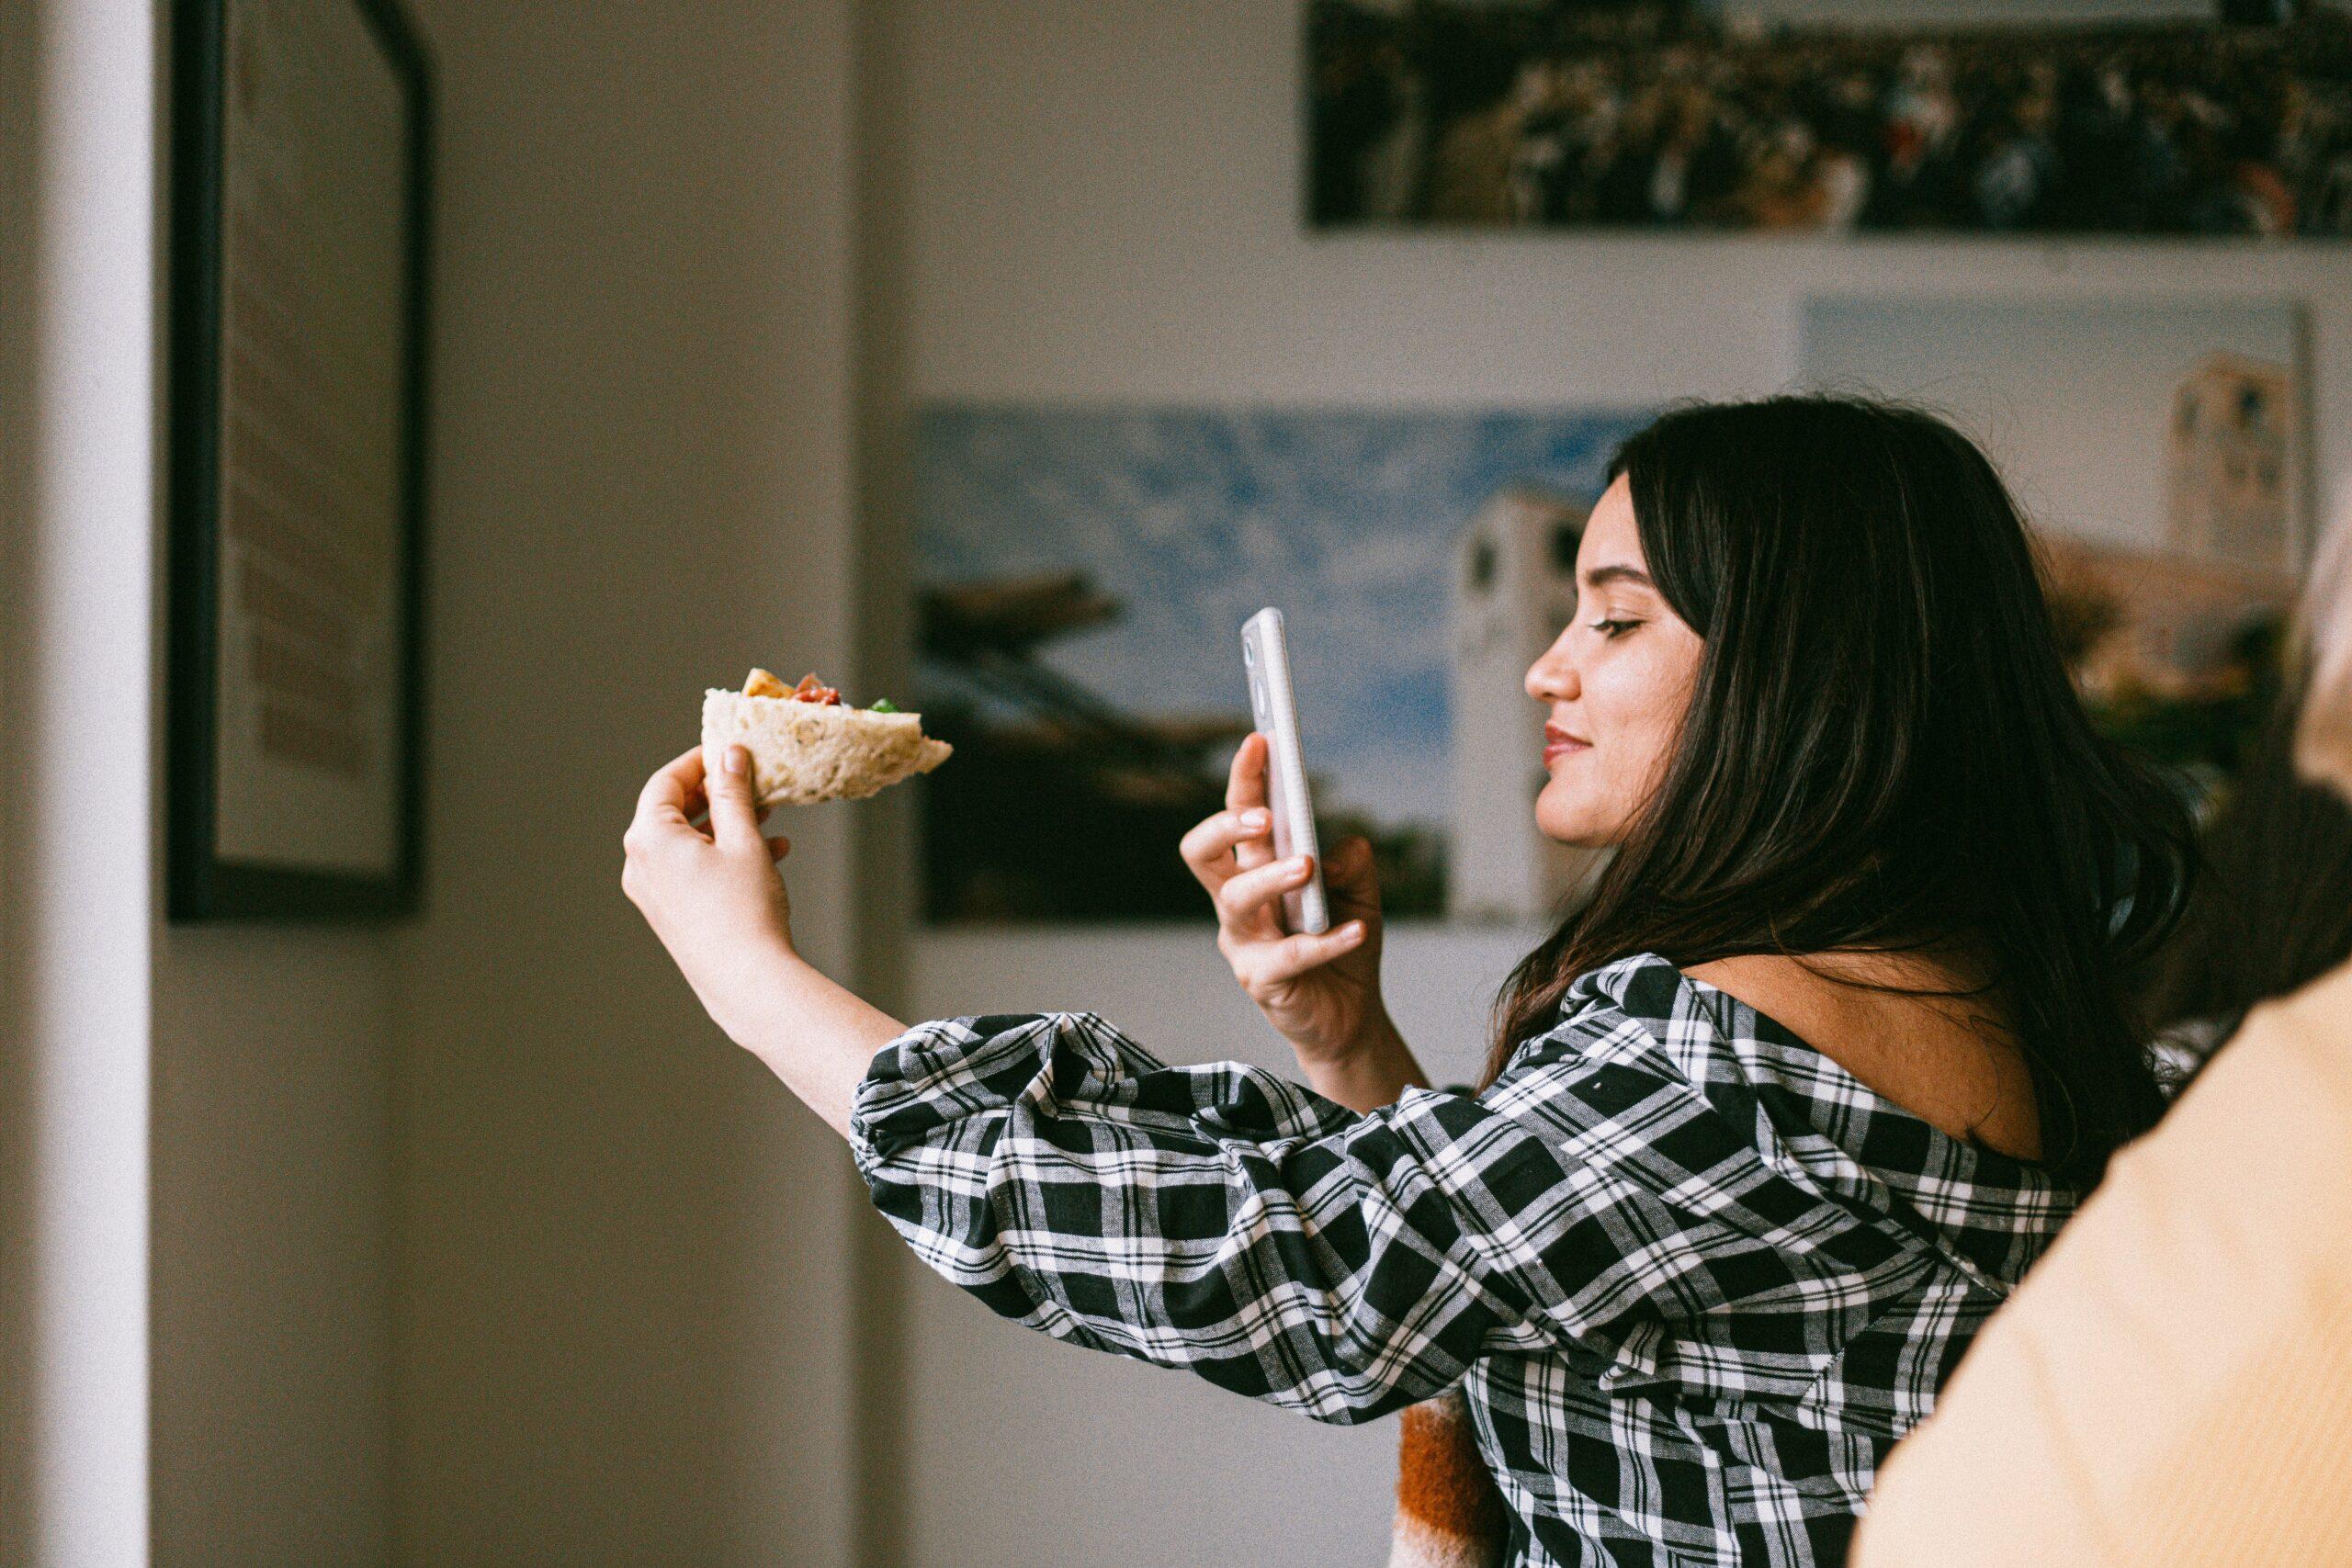 Chica influencer tomando foto a su comida con su móvil